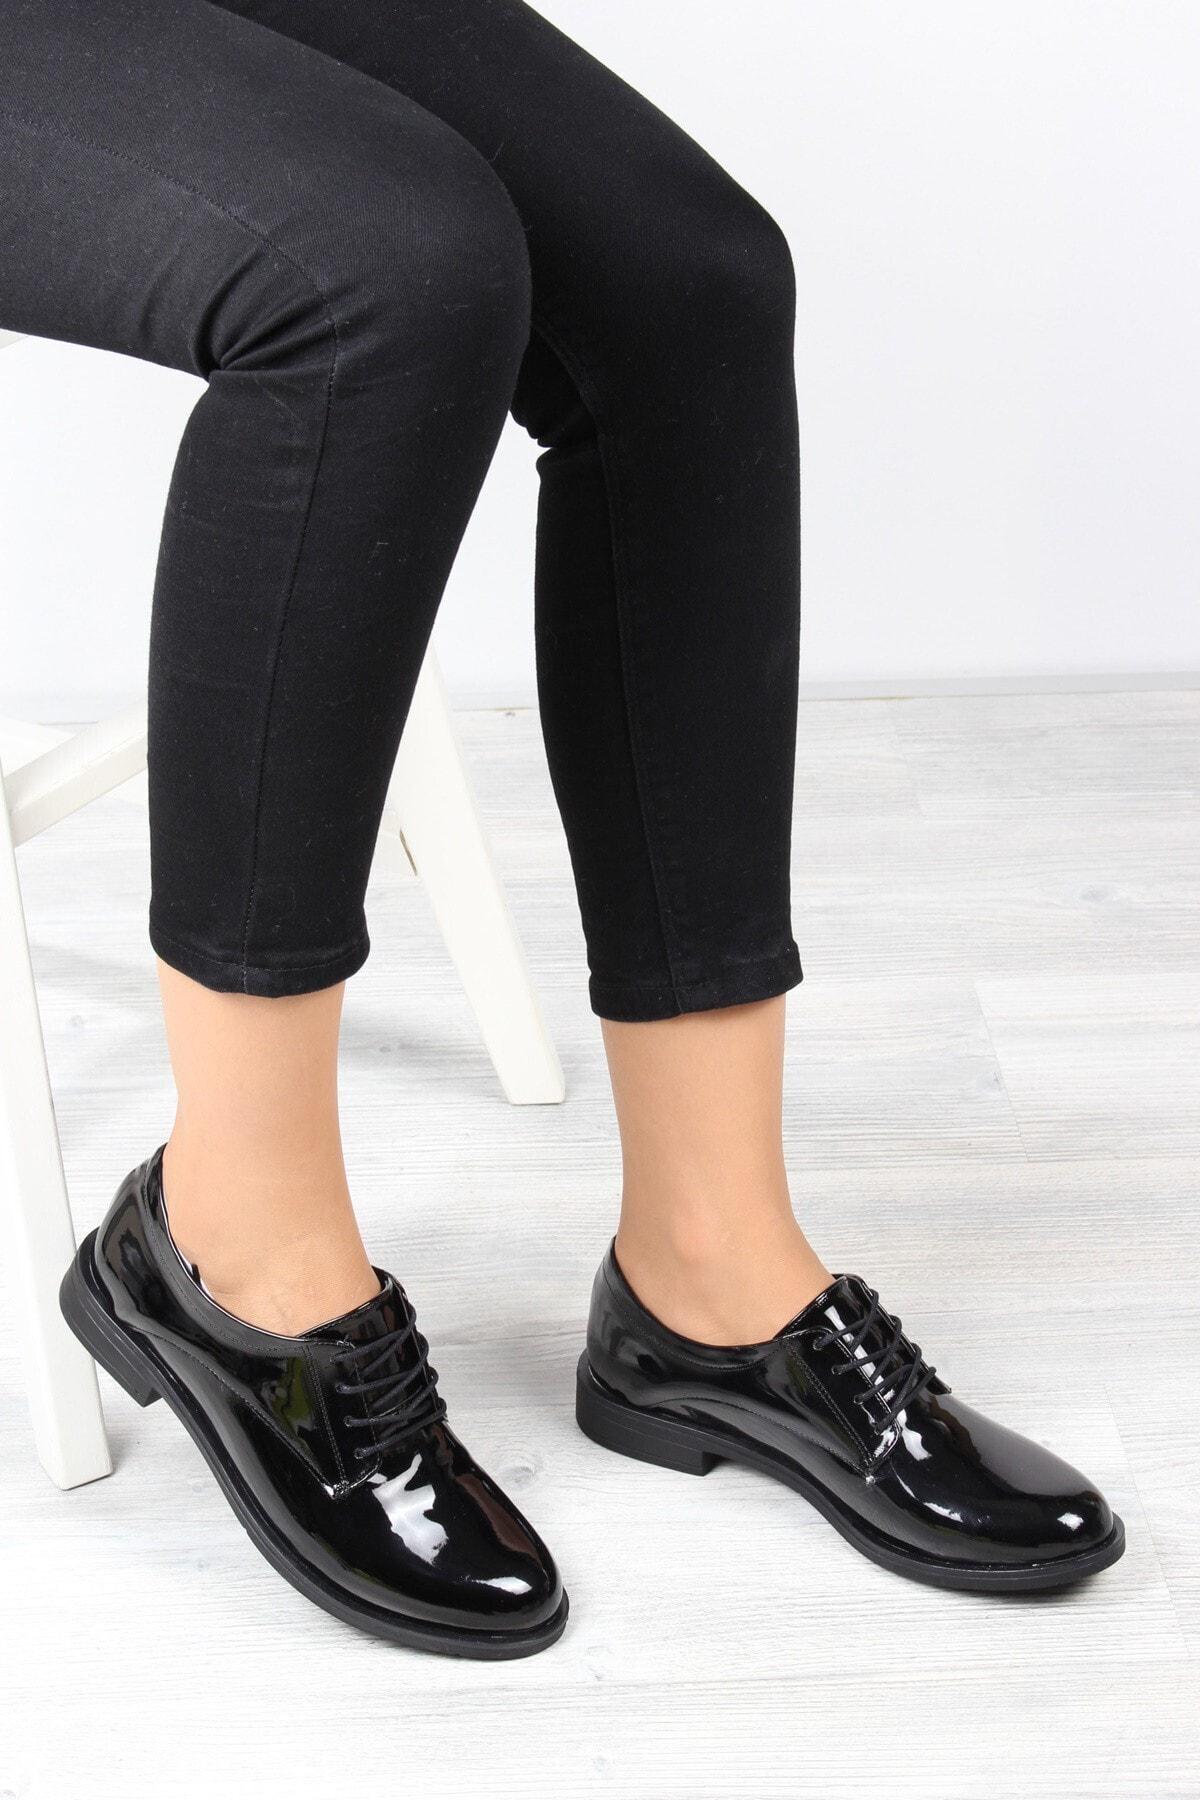 ayakPARK Günlük Klasik Siyah Rugan Iş Ofis Kadın Ayakkabı